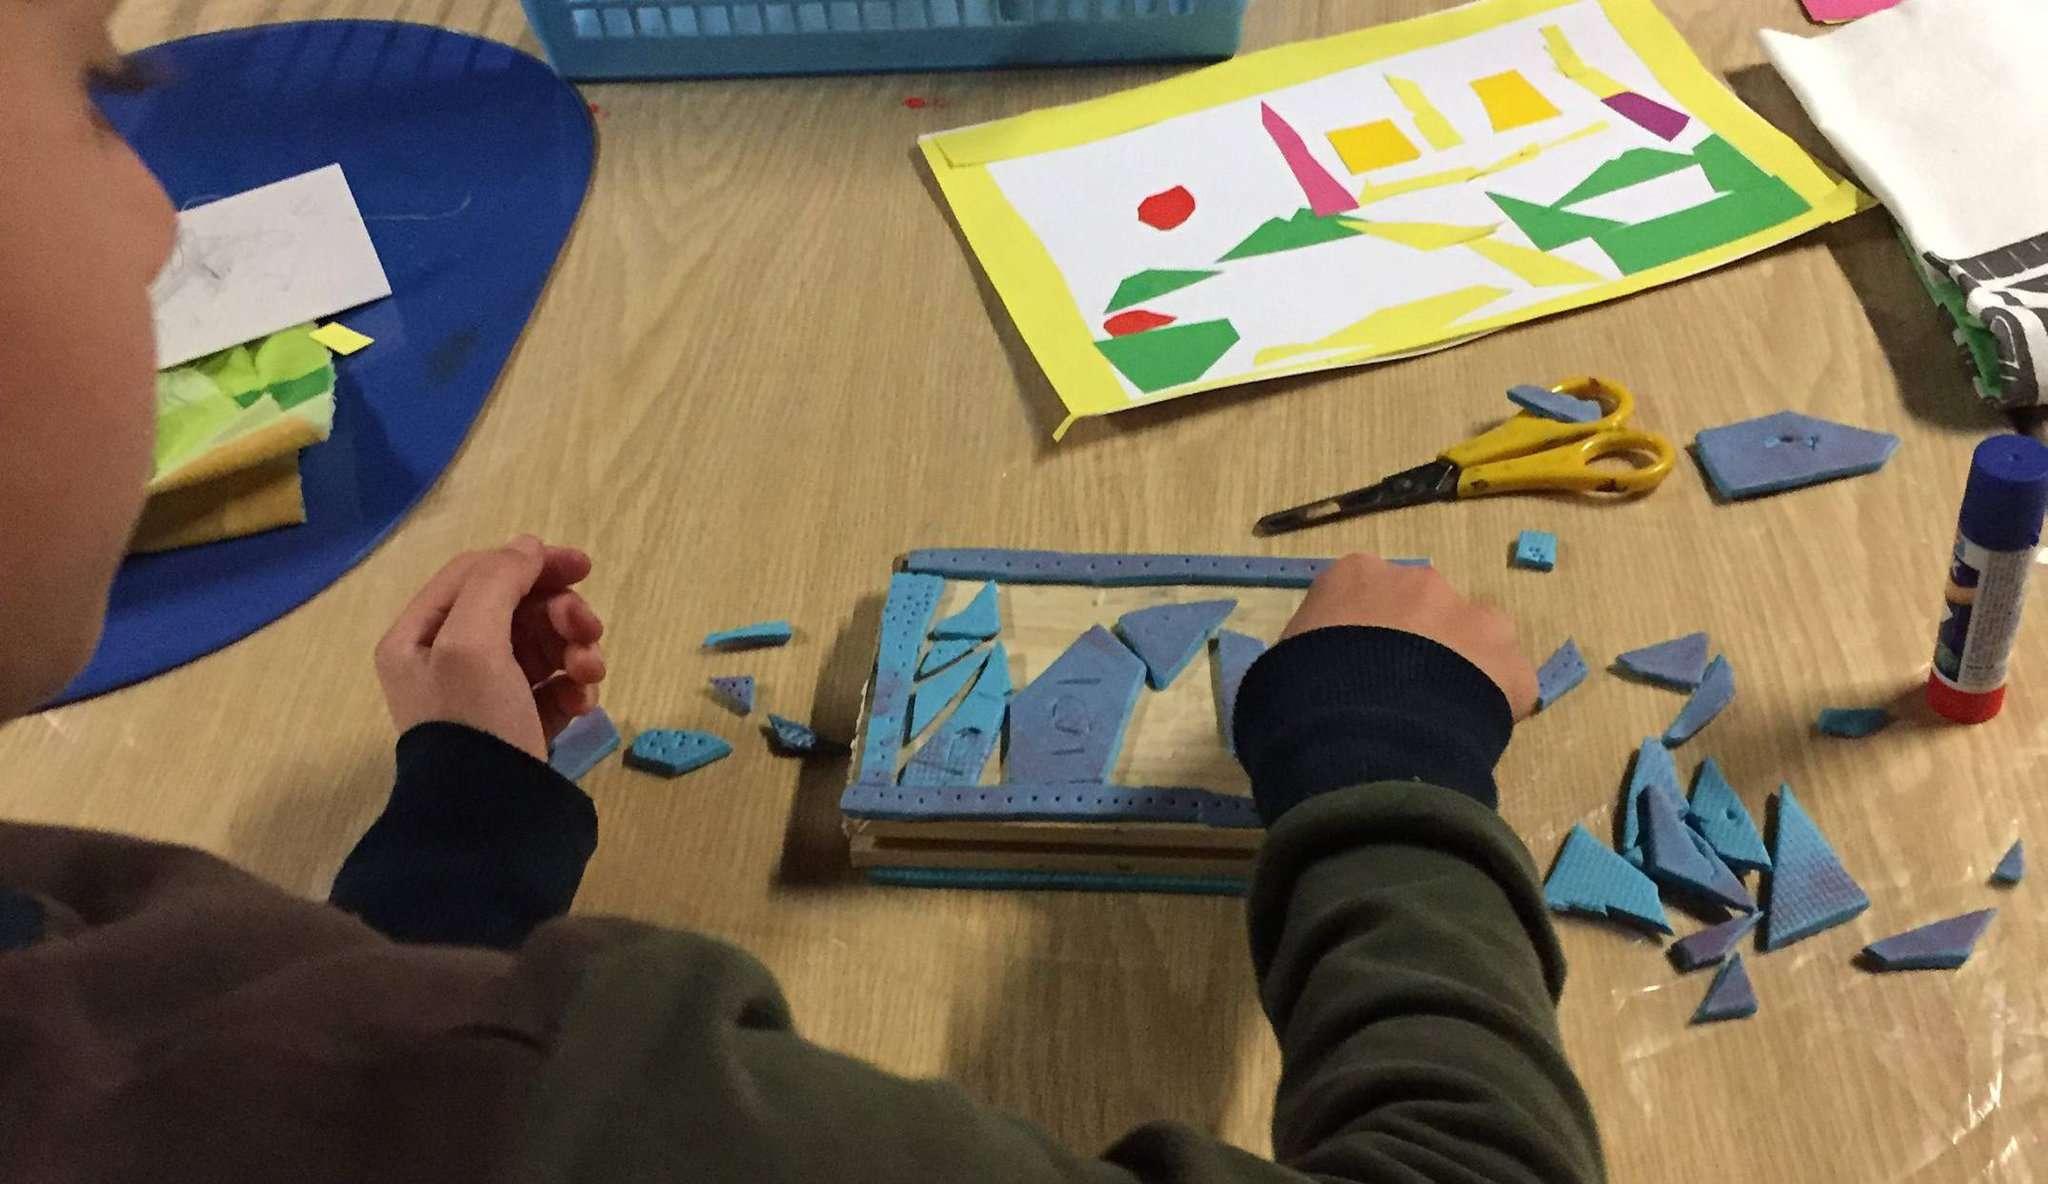 Mit viel Kreativität haben die Grundschüler Stempel hergestellt und damit kleine Kunstwerke geschaffen.